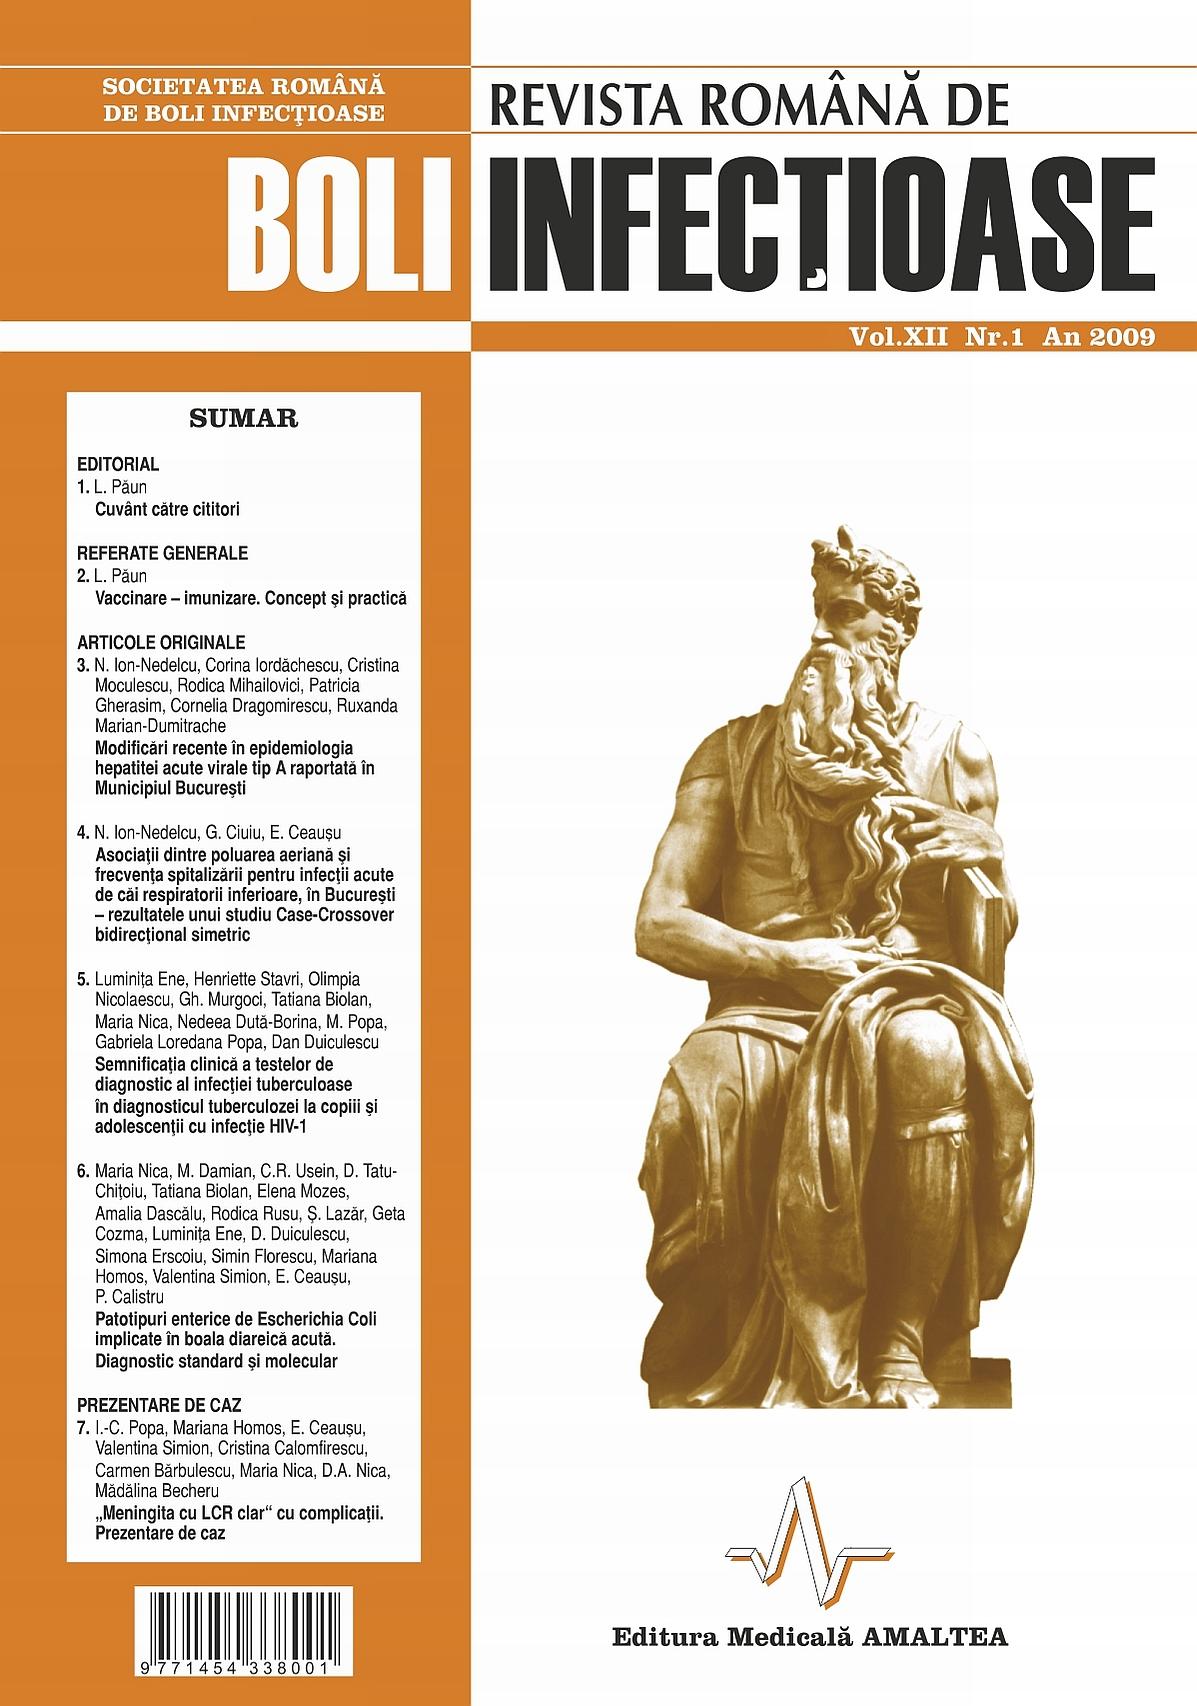 Revista Romana de Boli Infectioase | Vol. XII, No. 1, 2009